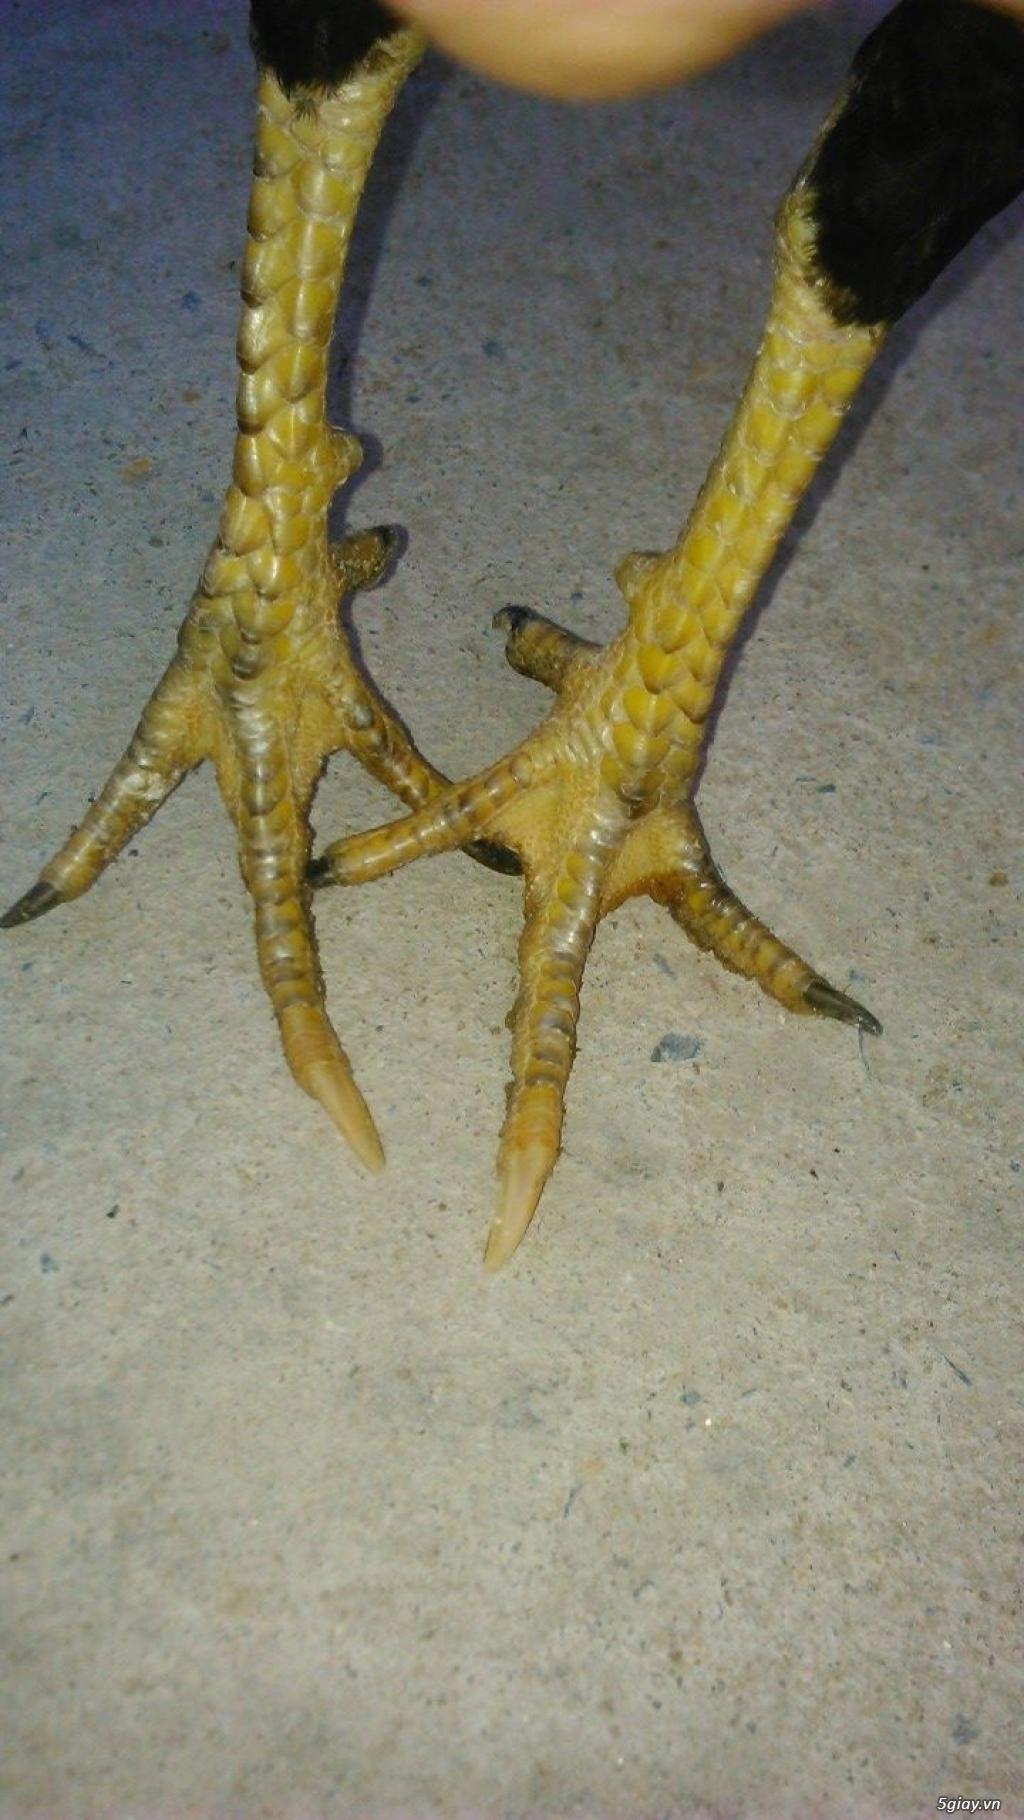 gà con jap-mỹ-asil từ 1,5 -2.5 tháng - 5